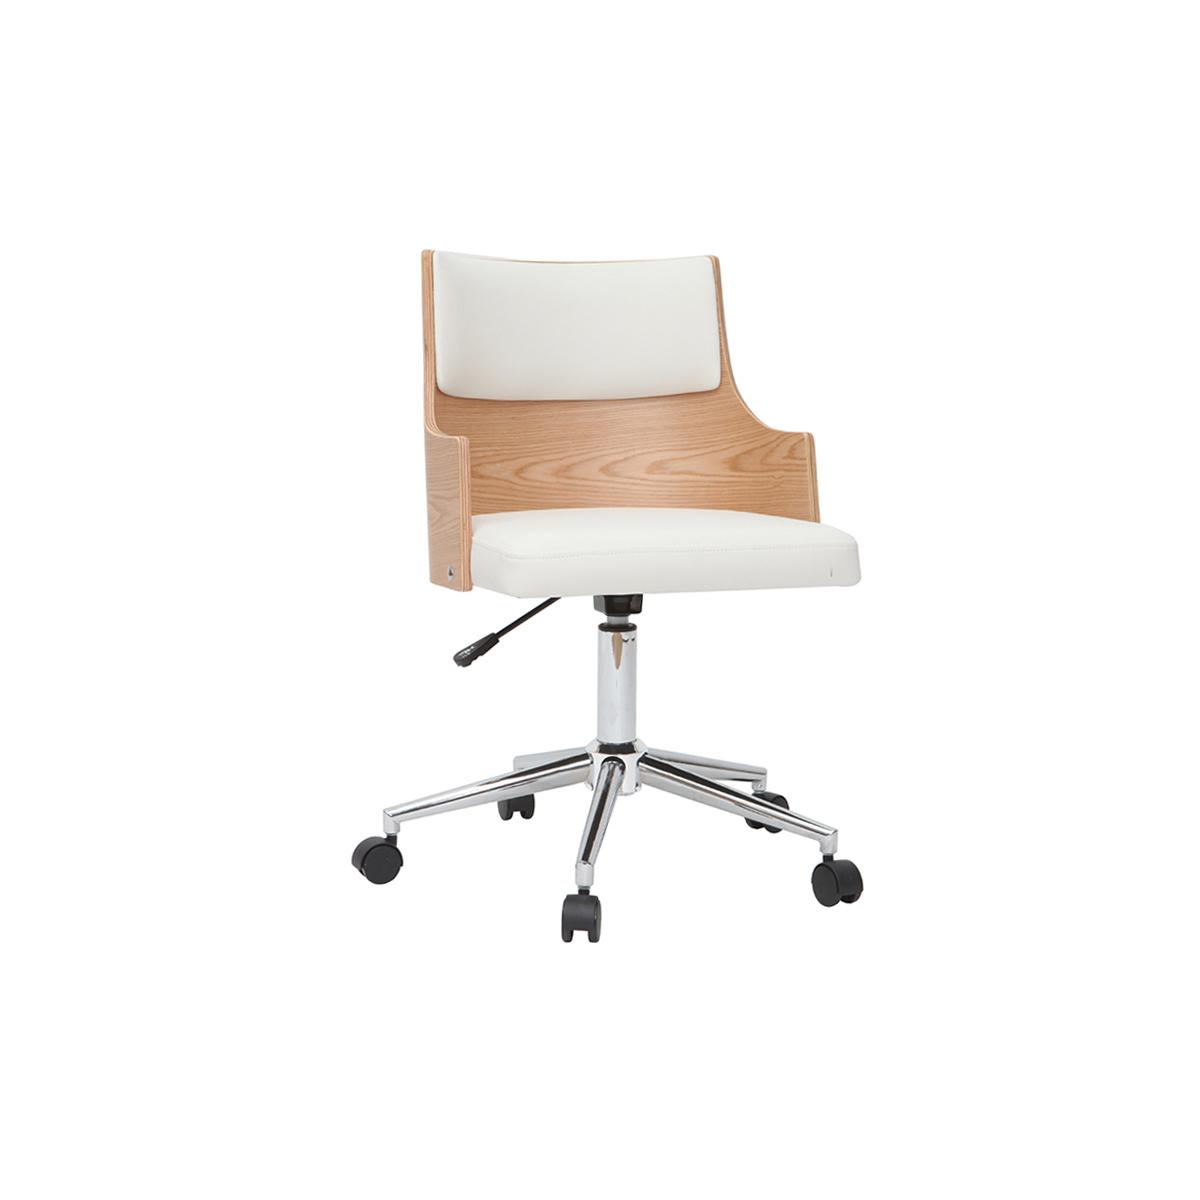 de design chaise de bureau en chaise RqA5L4jc3